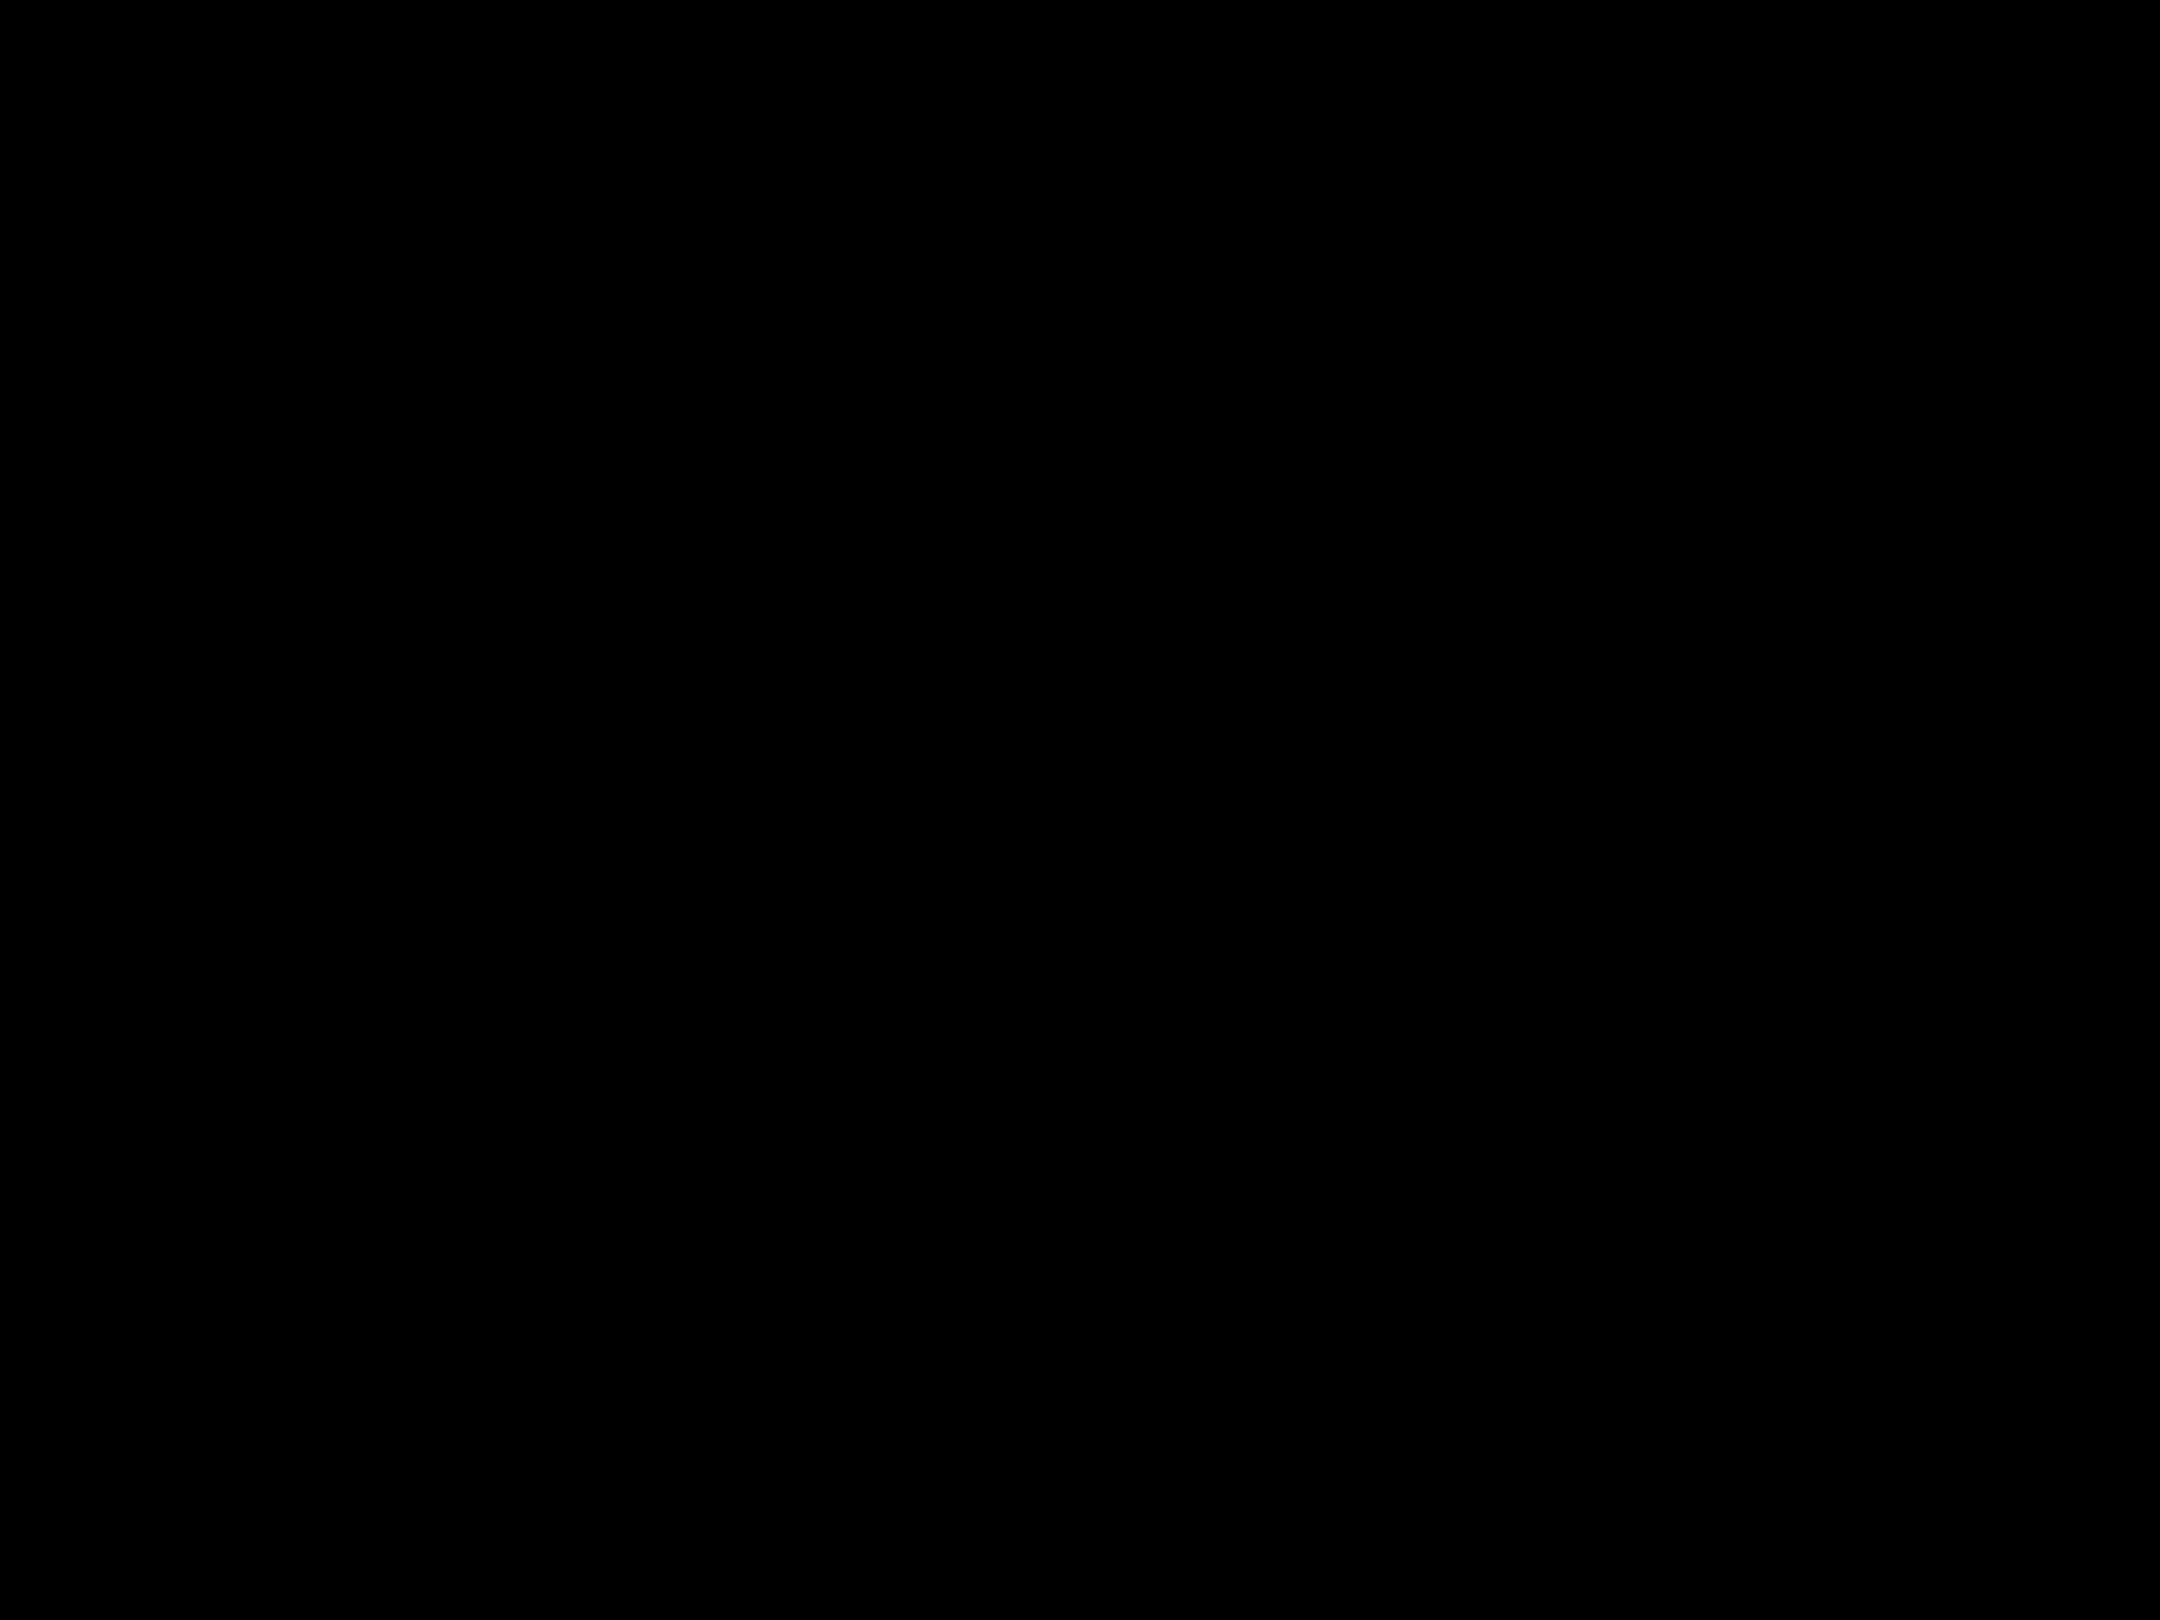 illustration_sans_titre-4